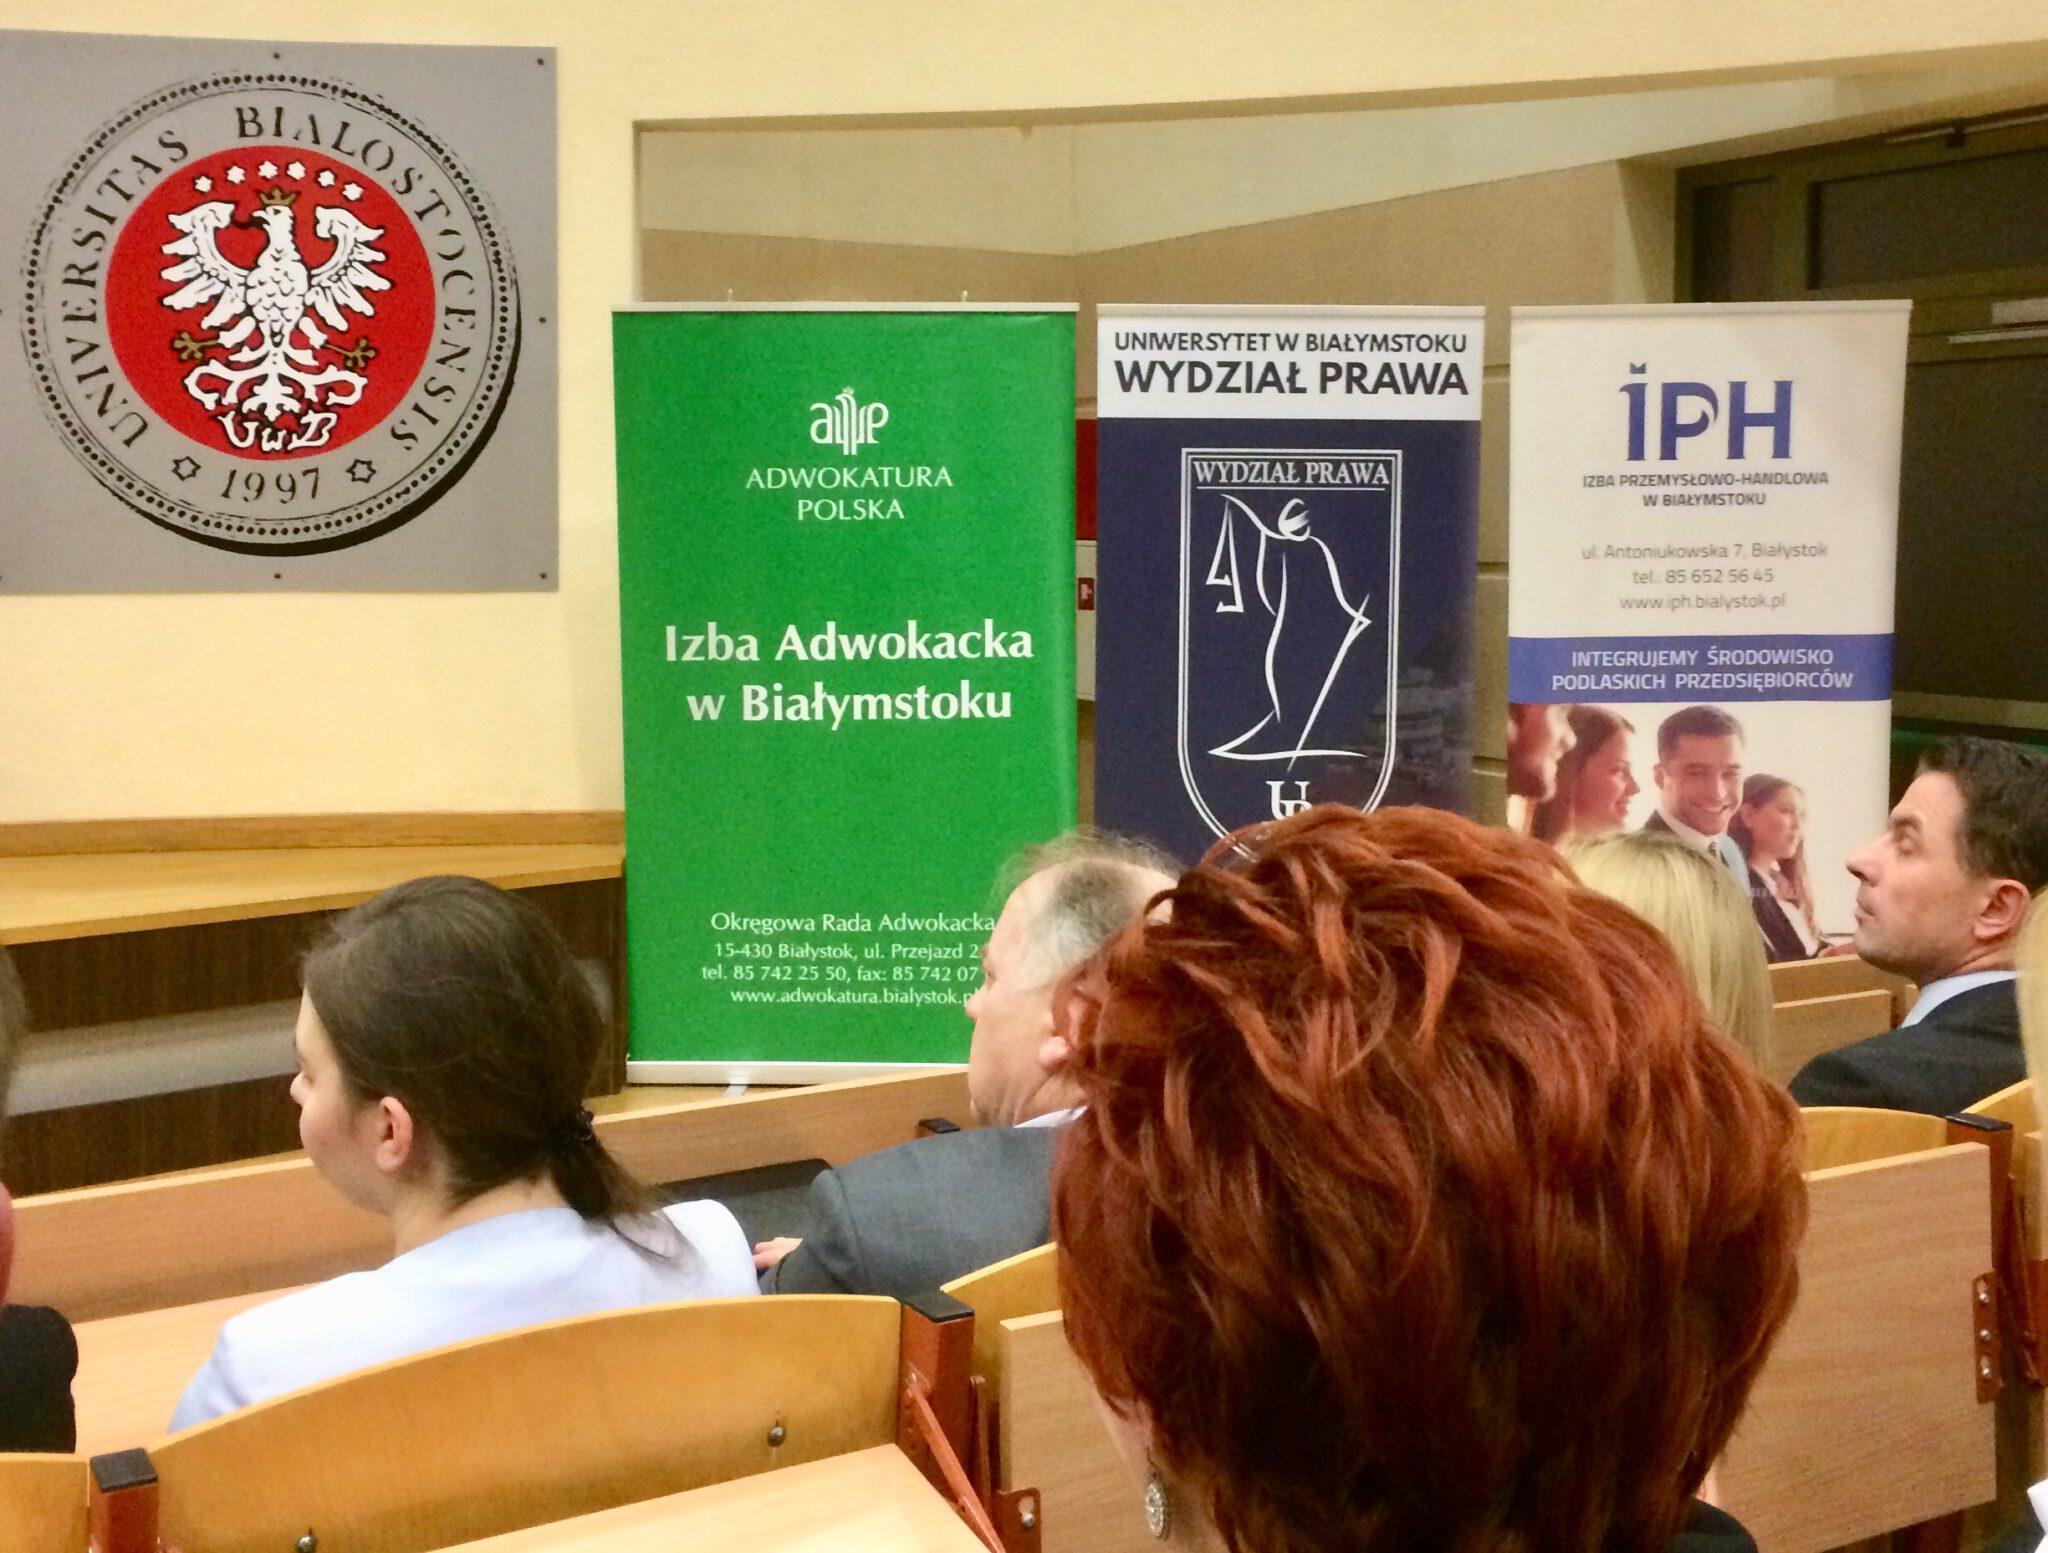 Międzynarodowa konferencja – Prawo i mediacja, 6-8.12.2019 w Białymstoku. Fotorelacja